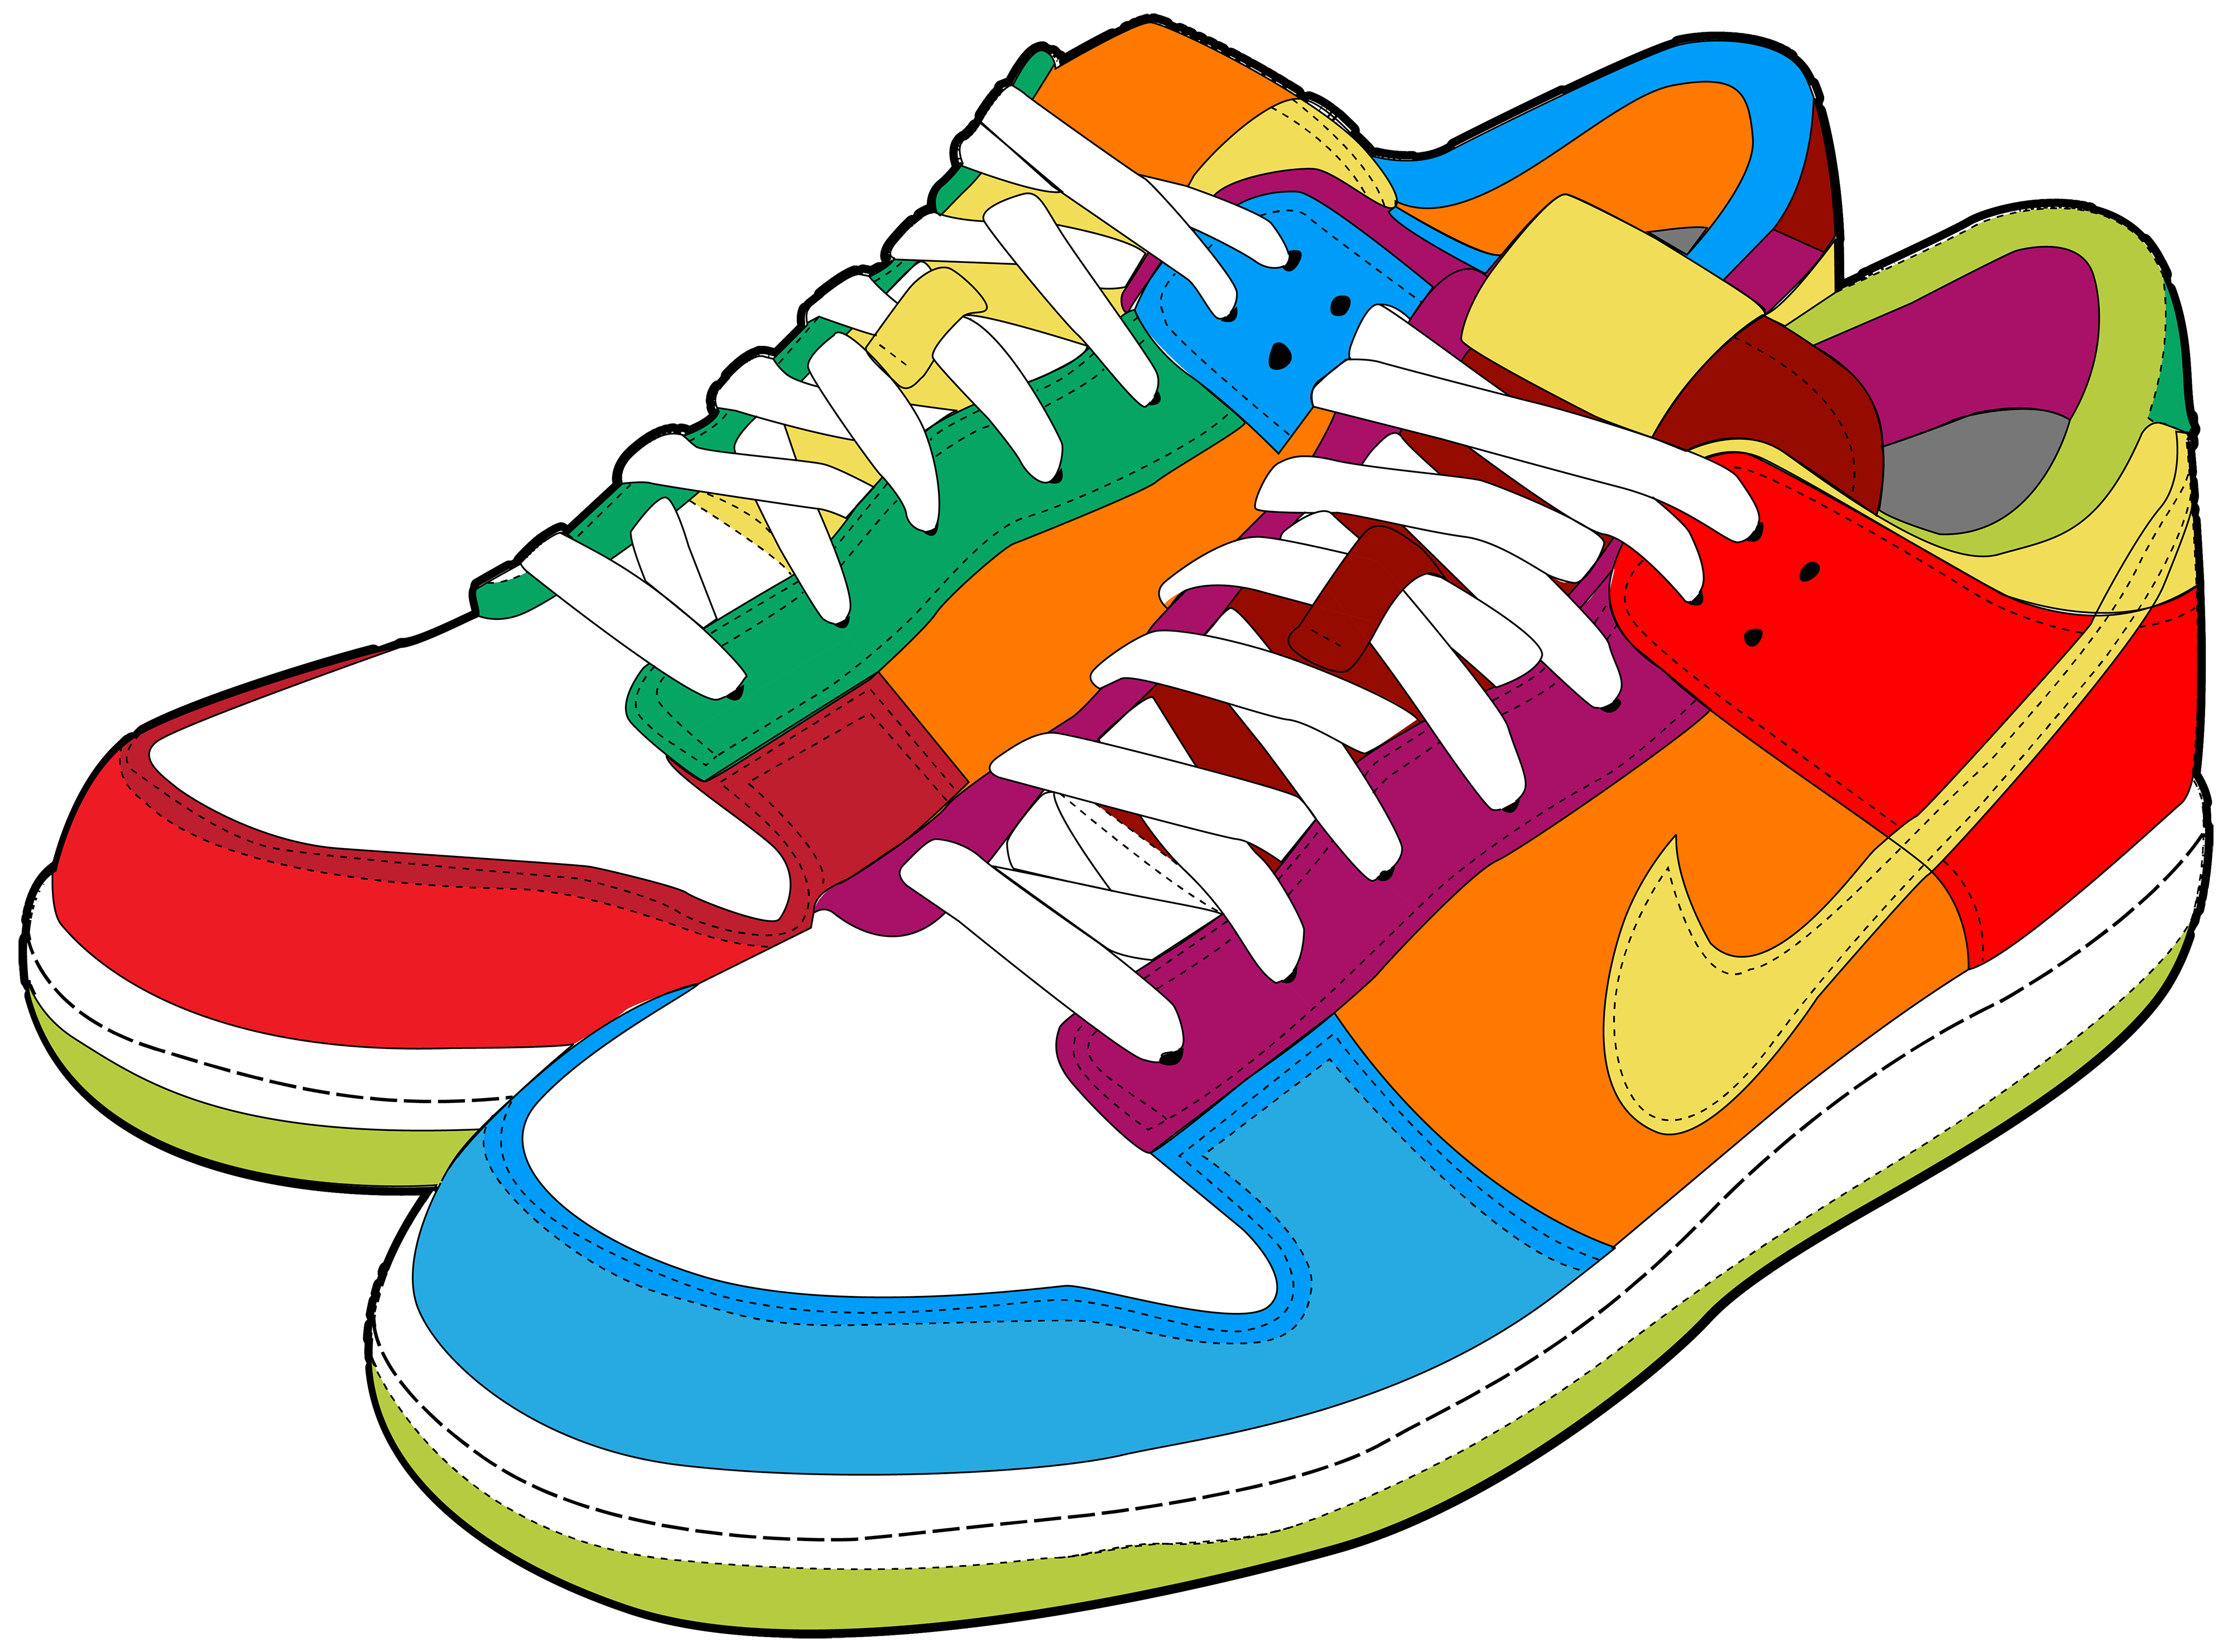 Shoe clipart footwear #7